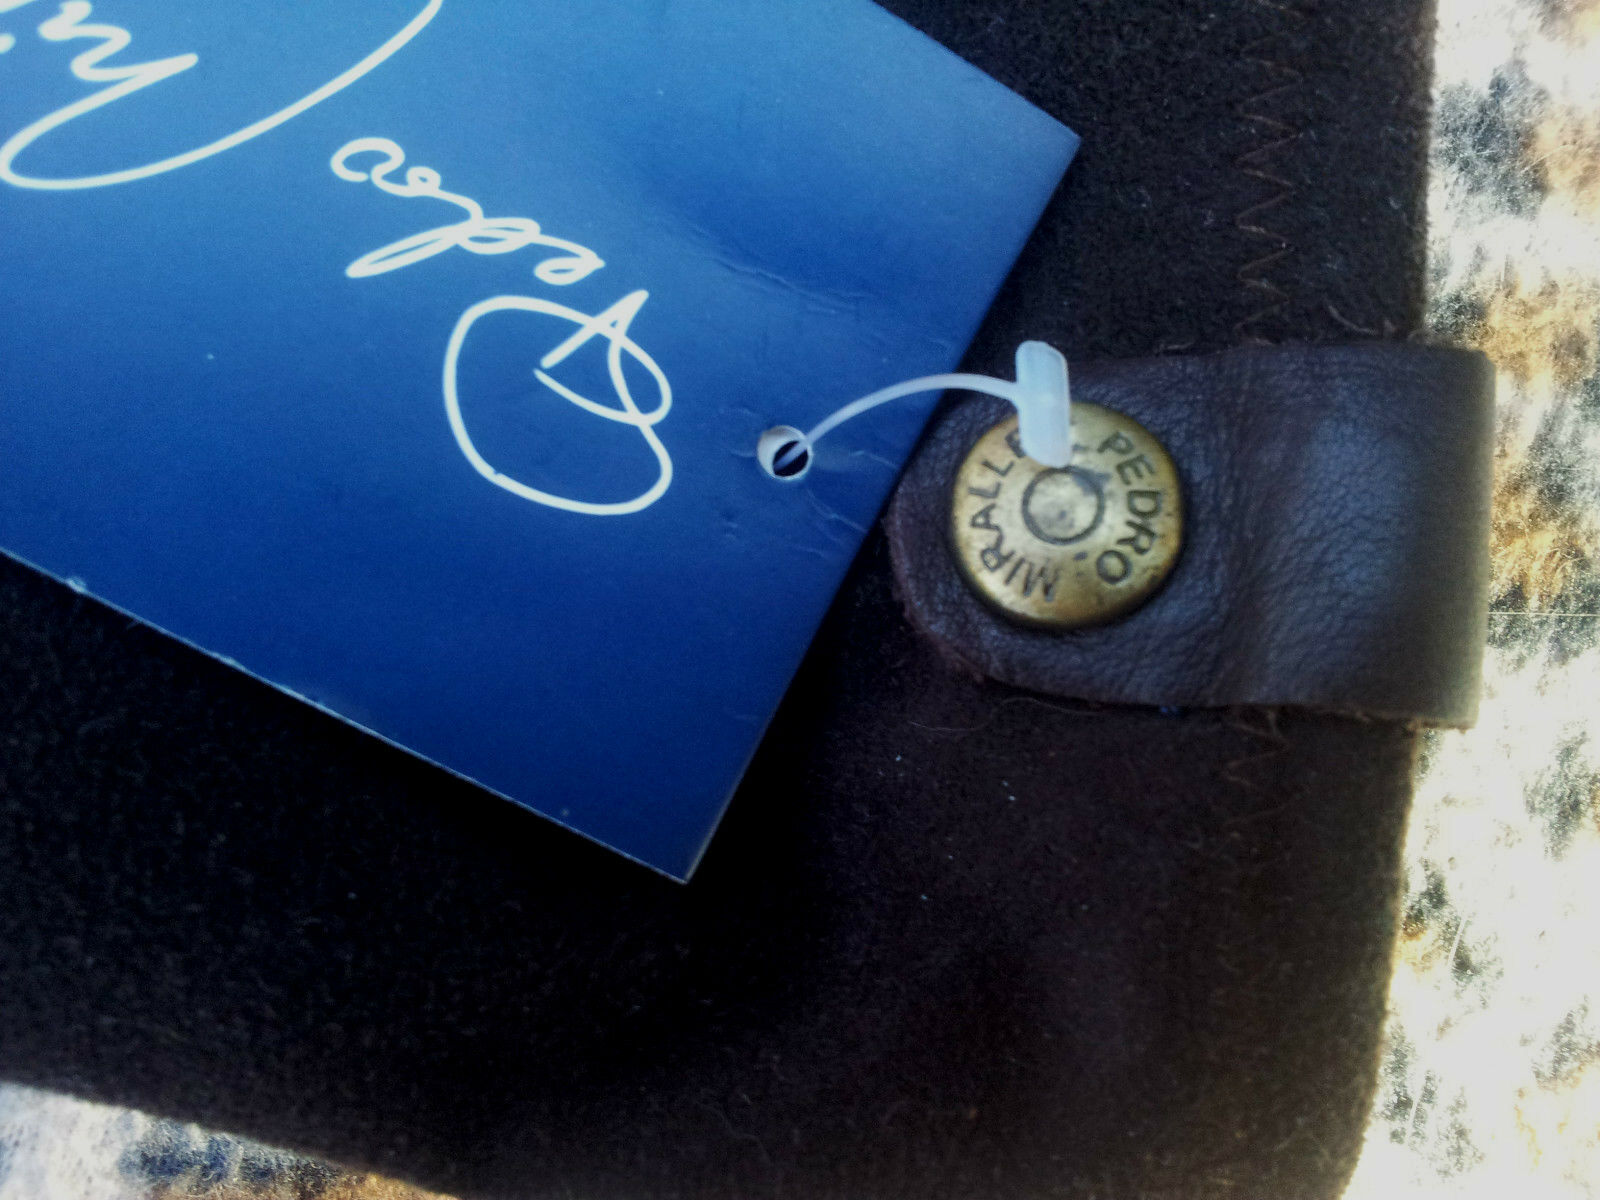 Pedro Miralles Braun  Stiefel Stiefel  Größe 37, UK 4  89 £ 6b07d3